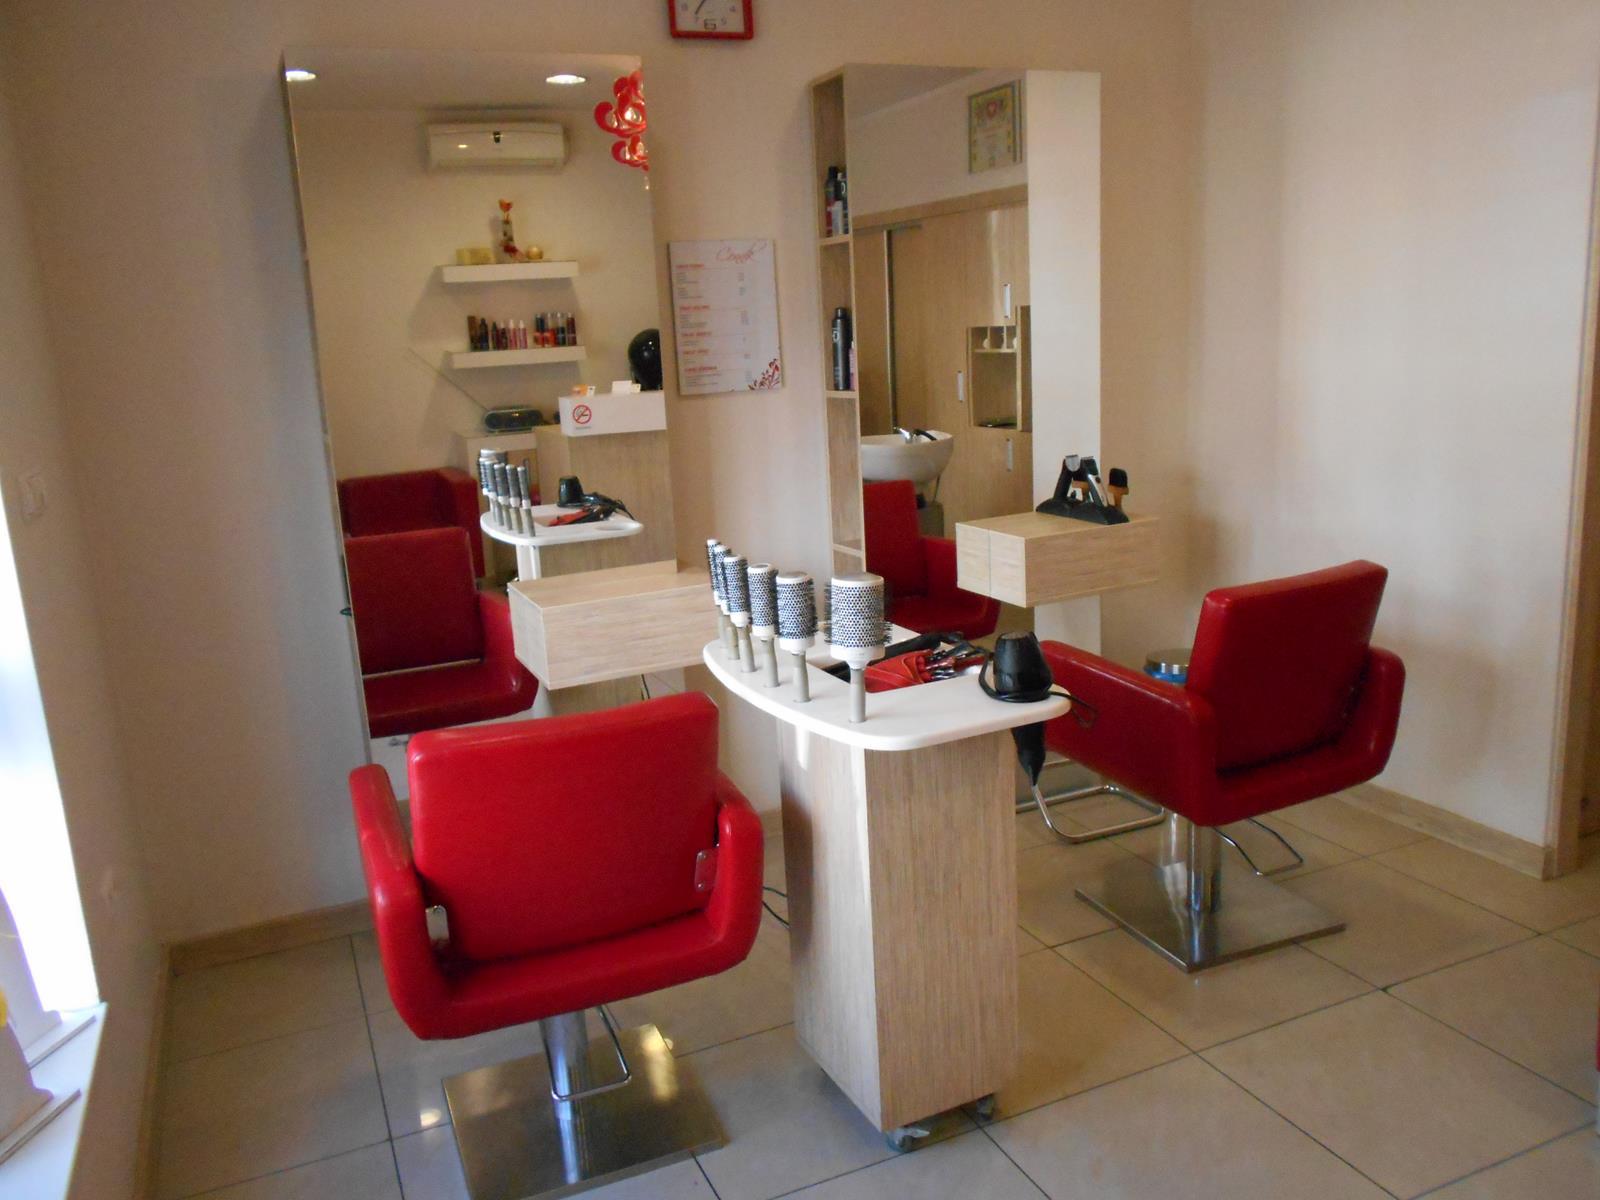 Salon fryzjerski Mokotow (7)